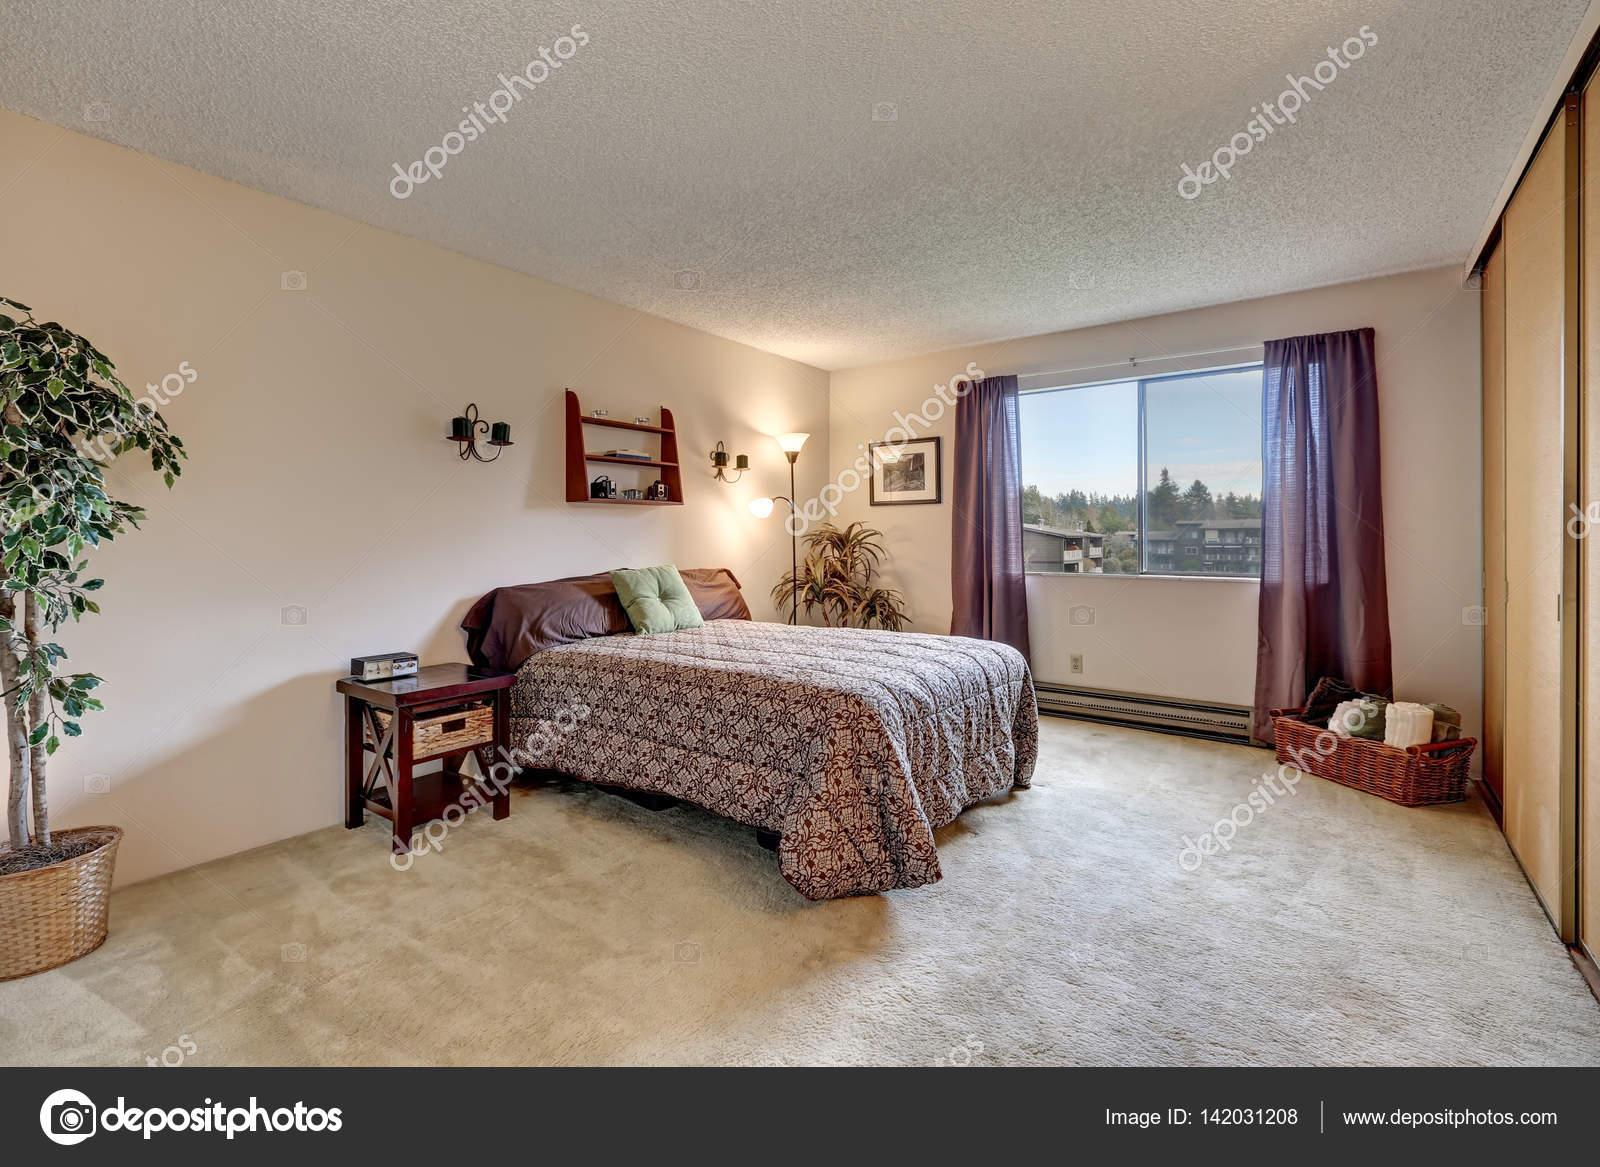 Habitaci n tradicional con paredes beiges c lidas color de la pintura fotos de stock - Color paredes habitacion ...